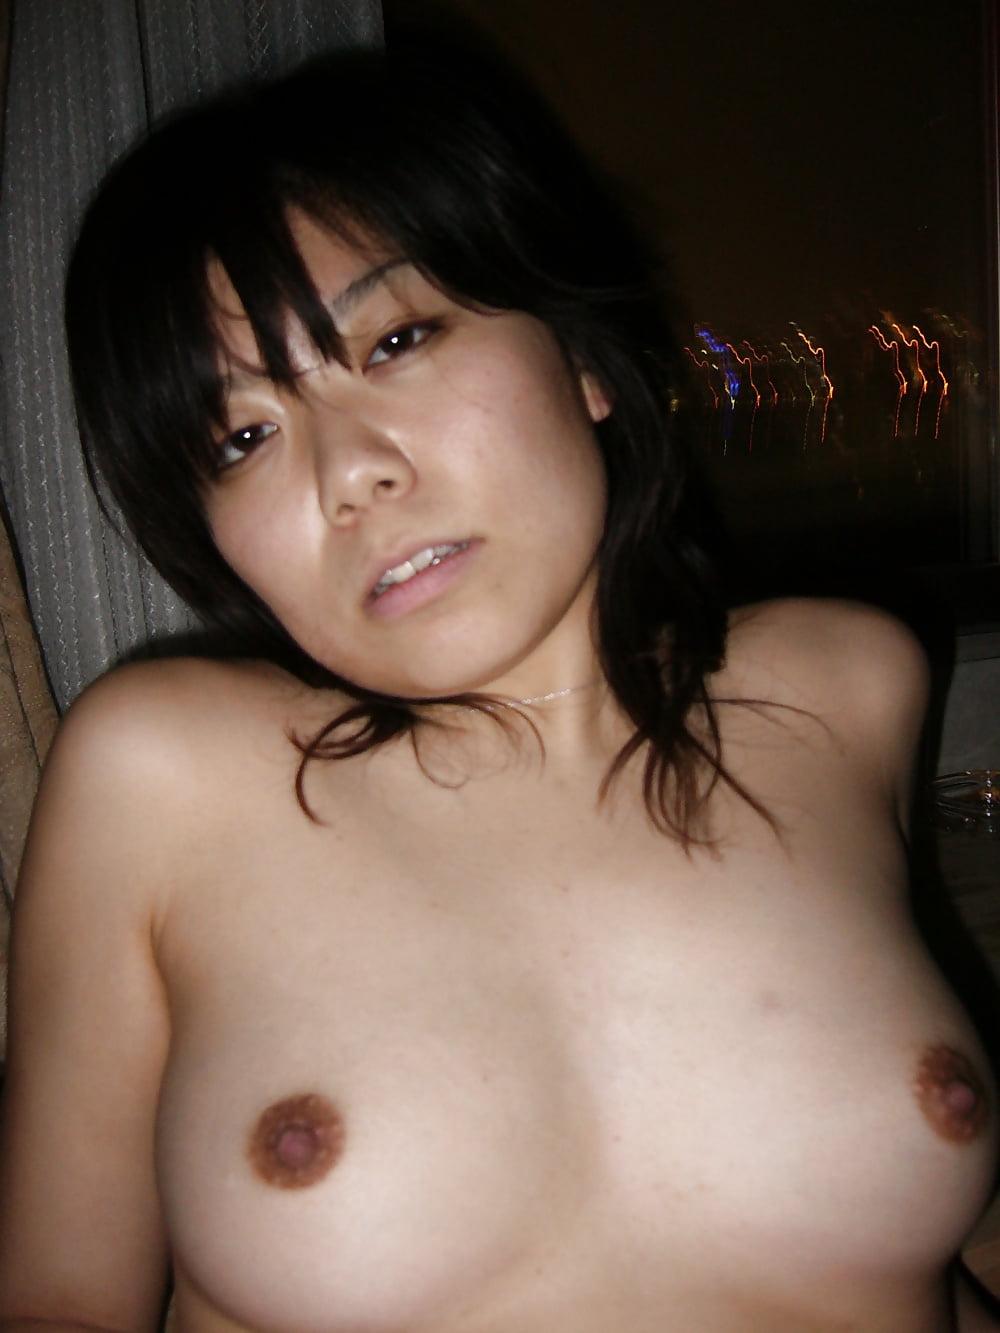 часть смотреть фото голый киргизушки молодые, сексапильные